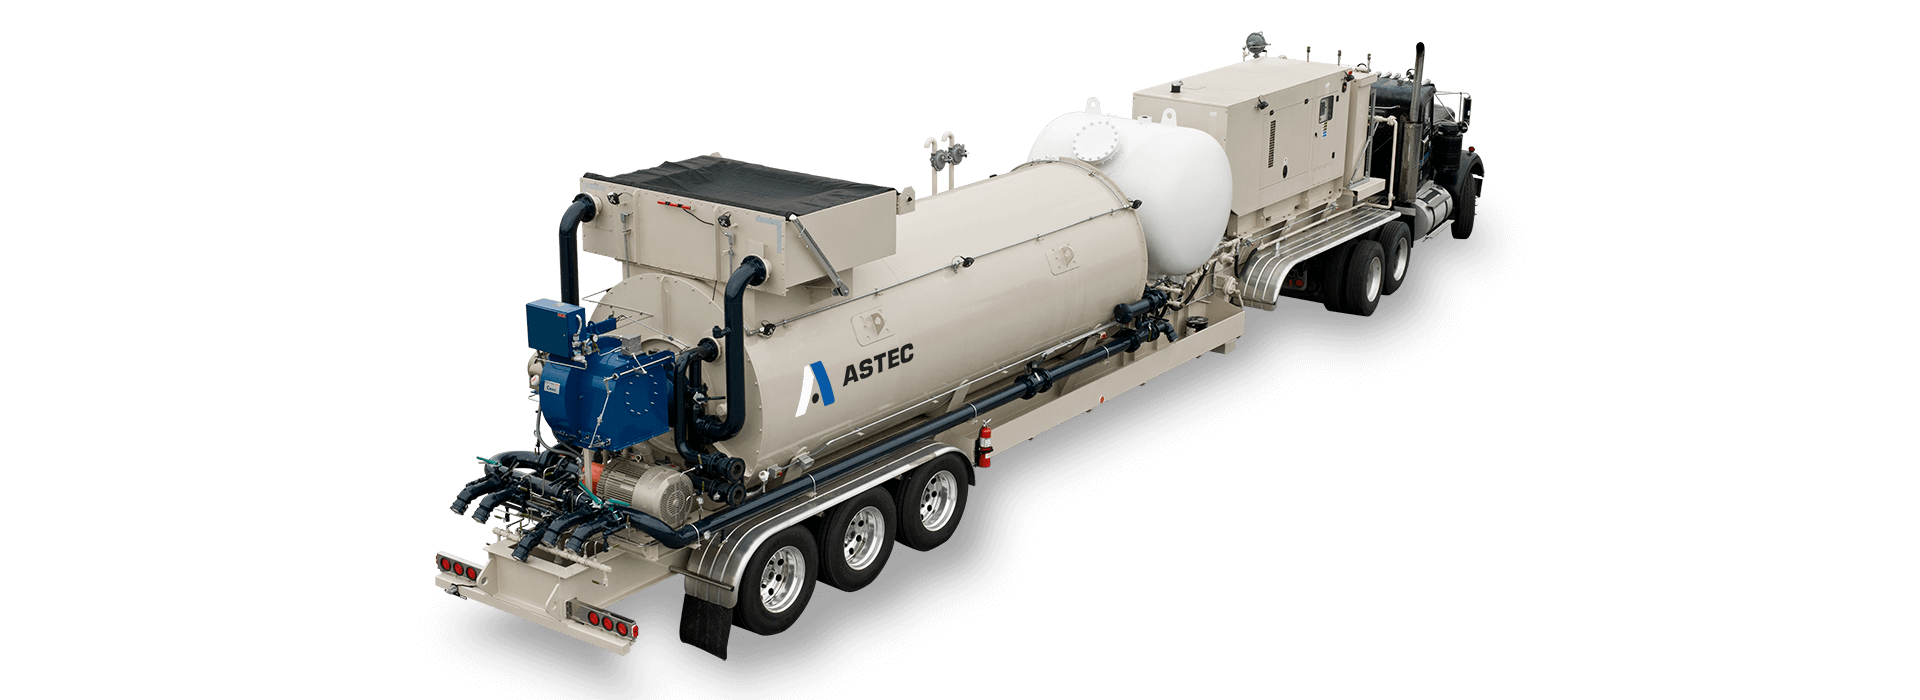 Heatec Firestream Water Heater